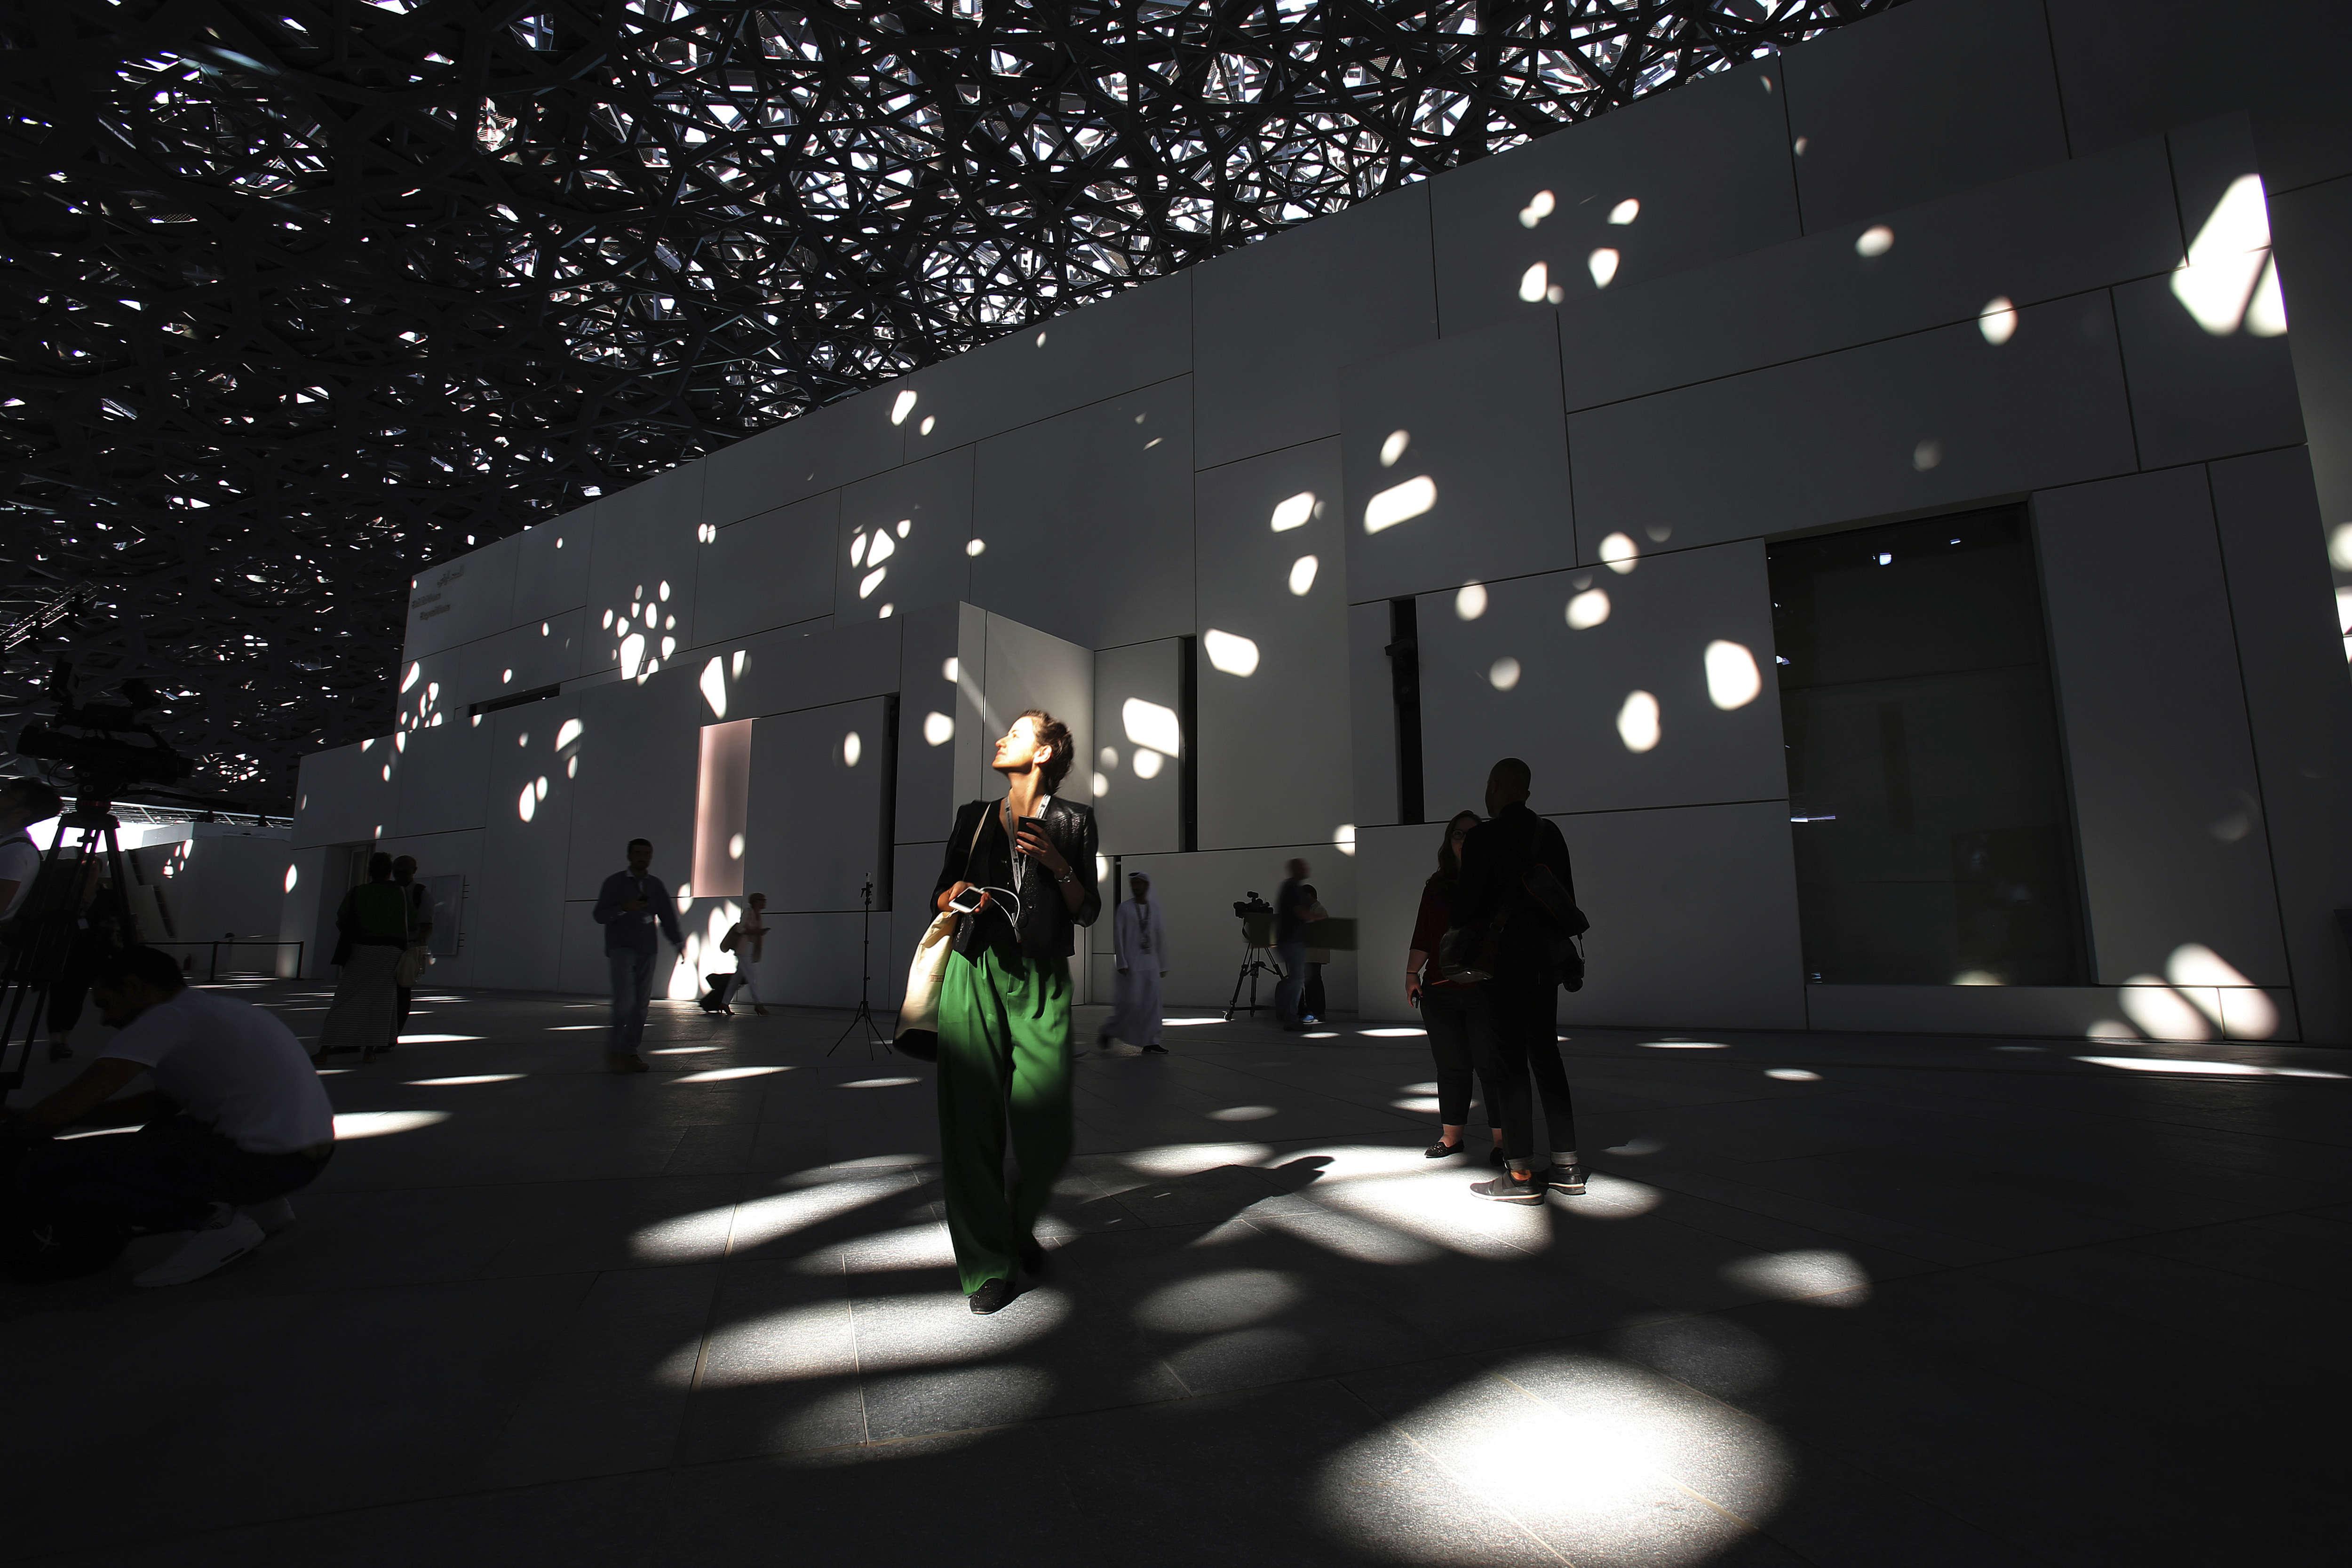 Un dôme de 180 mètres de diamètre est composé de 7850 étoiles en métal à travers lesquelles les rayons du soleil s'infiltrent.